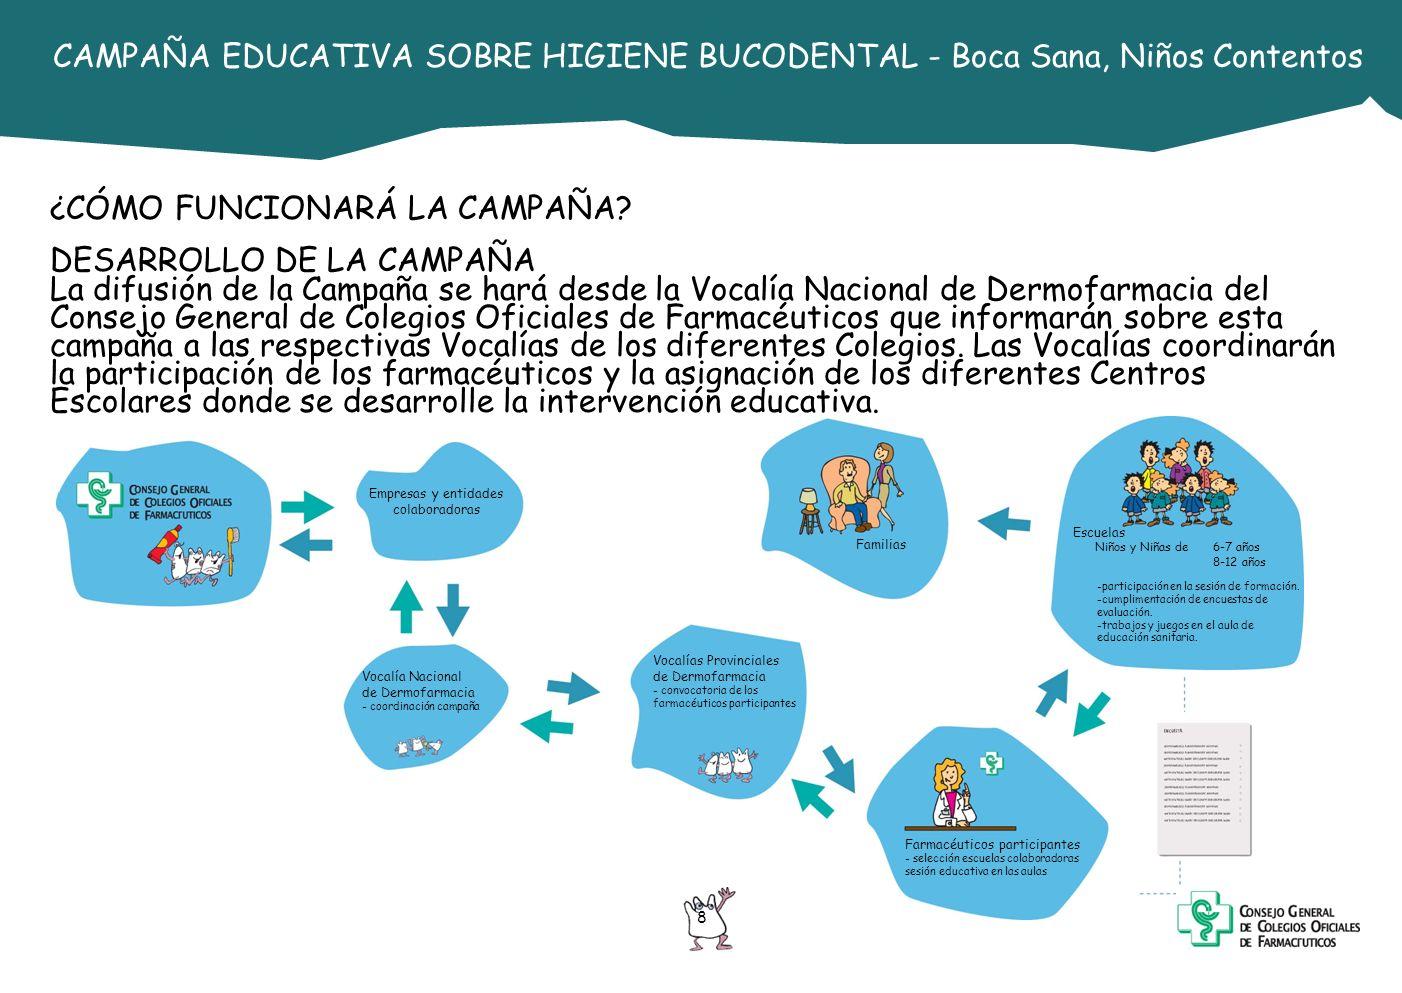 9 CAMPAÑA EDUCATIVA SOBRE HIGIENE BUCODENTAL - Boca Sana, Niños Contentos DESCRIPCIÓN DEL CONTENIDO EDUCATIVO DE LA CAMPAÑA 1.